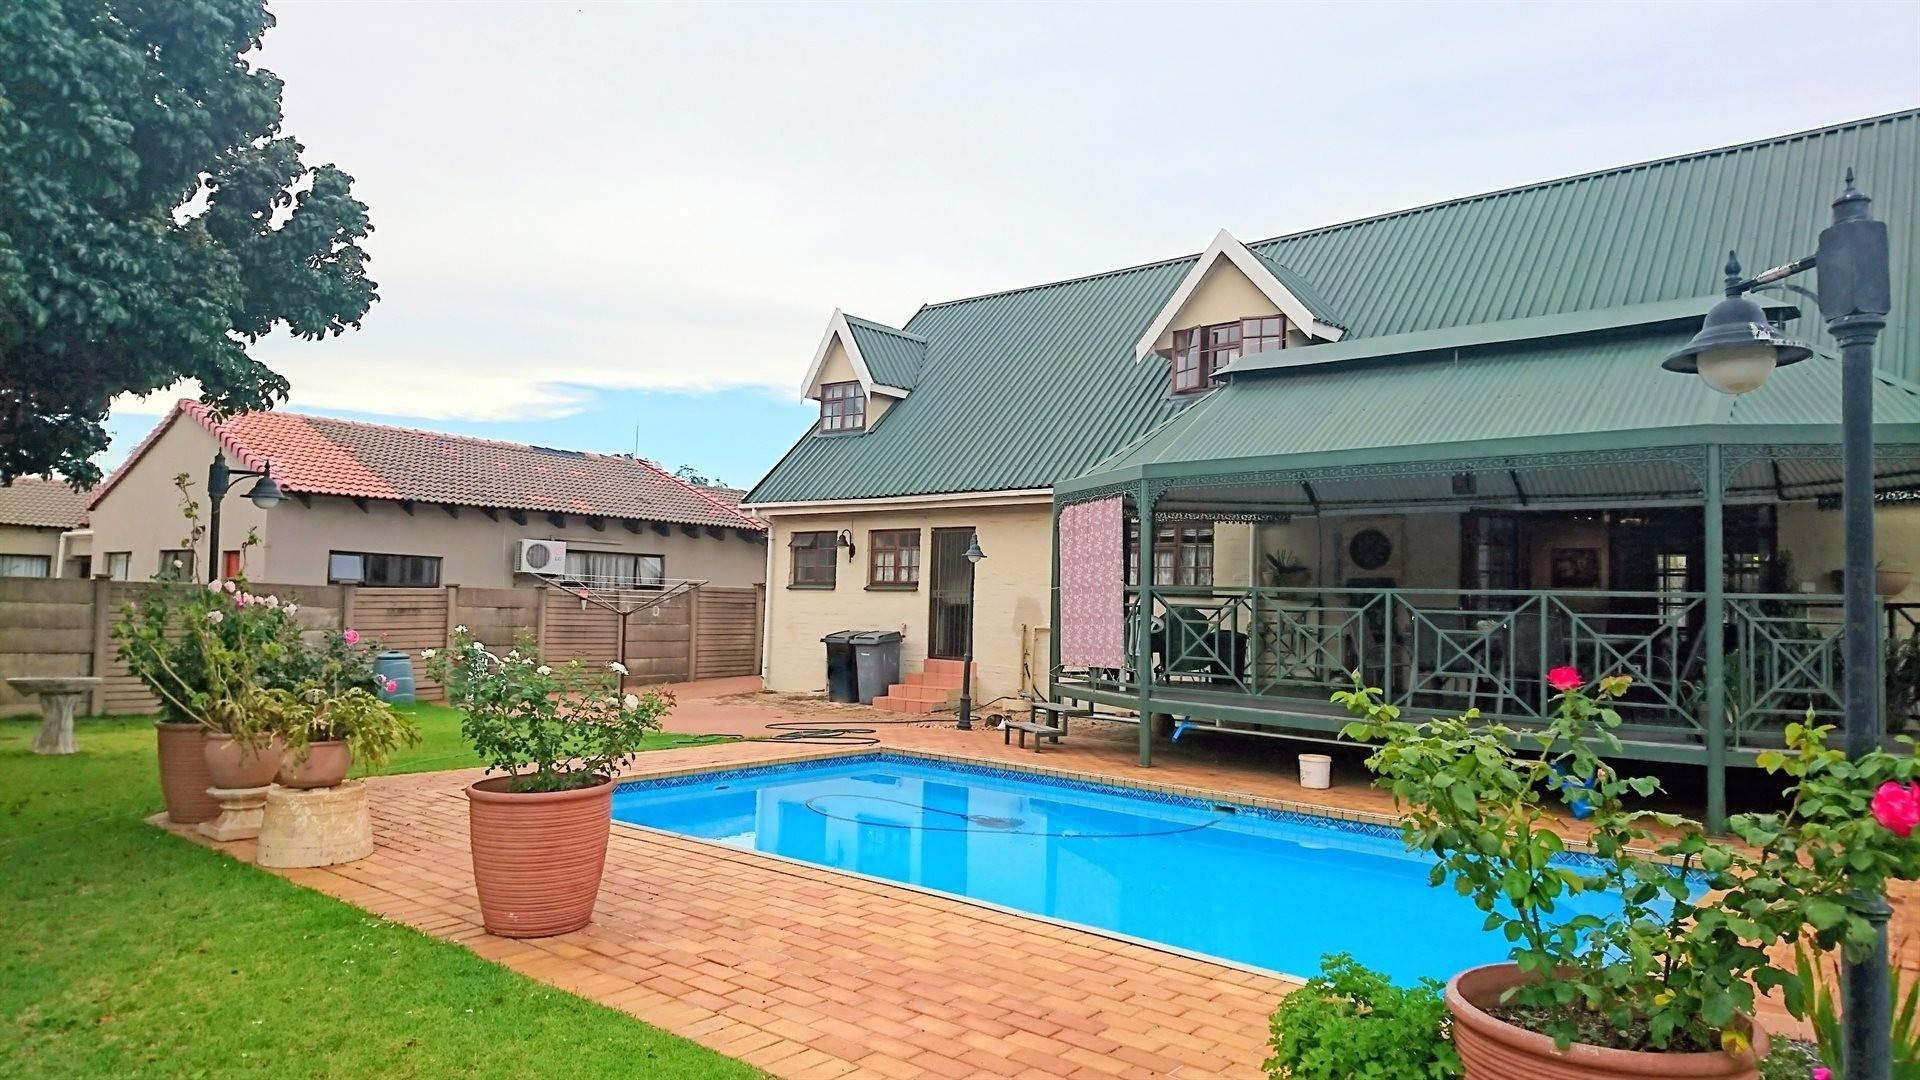 Akasia, Amandasig Property  | Houses For Sale Amandasig, AMANDASIG, House 4 bedrooms property for sale Price:1,500,000